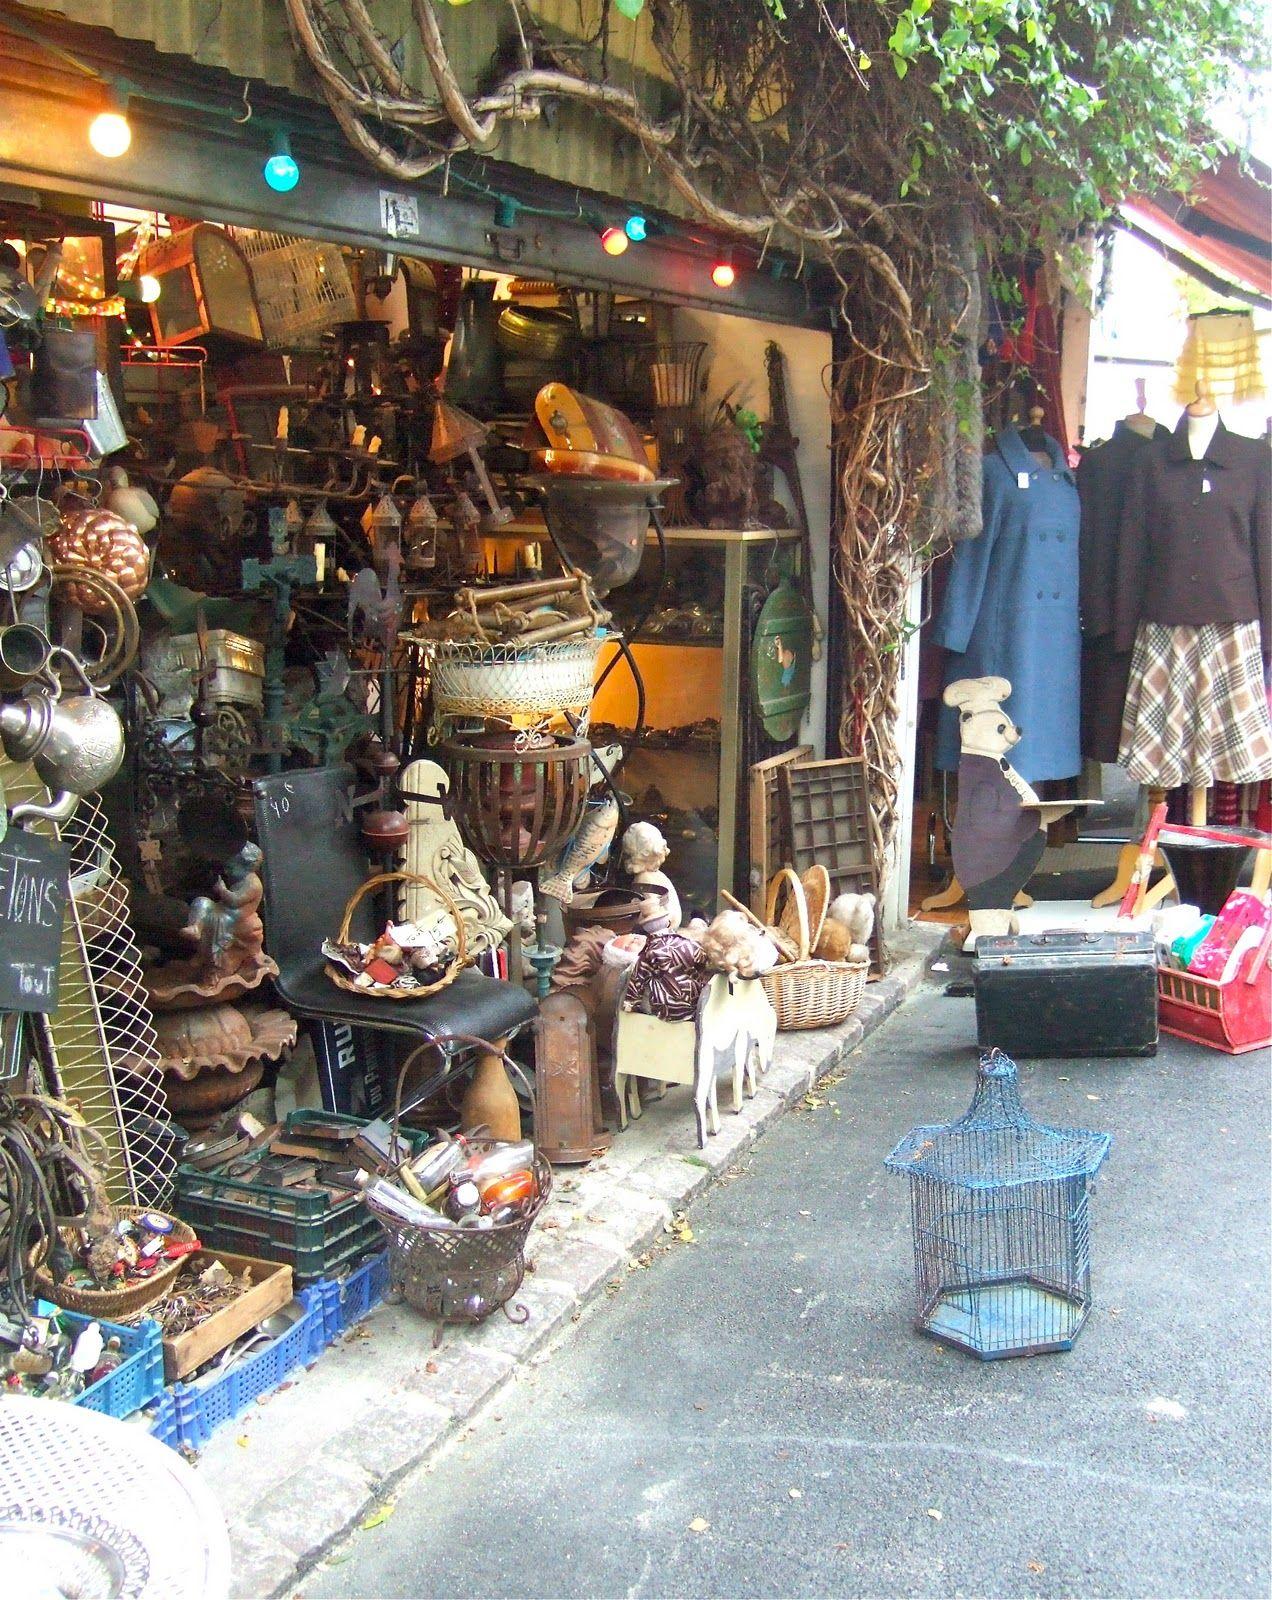 Nolita vintage march aux puces de saint ouen porte de clignancourt flea markets - Porte de saint ouen paris ...